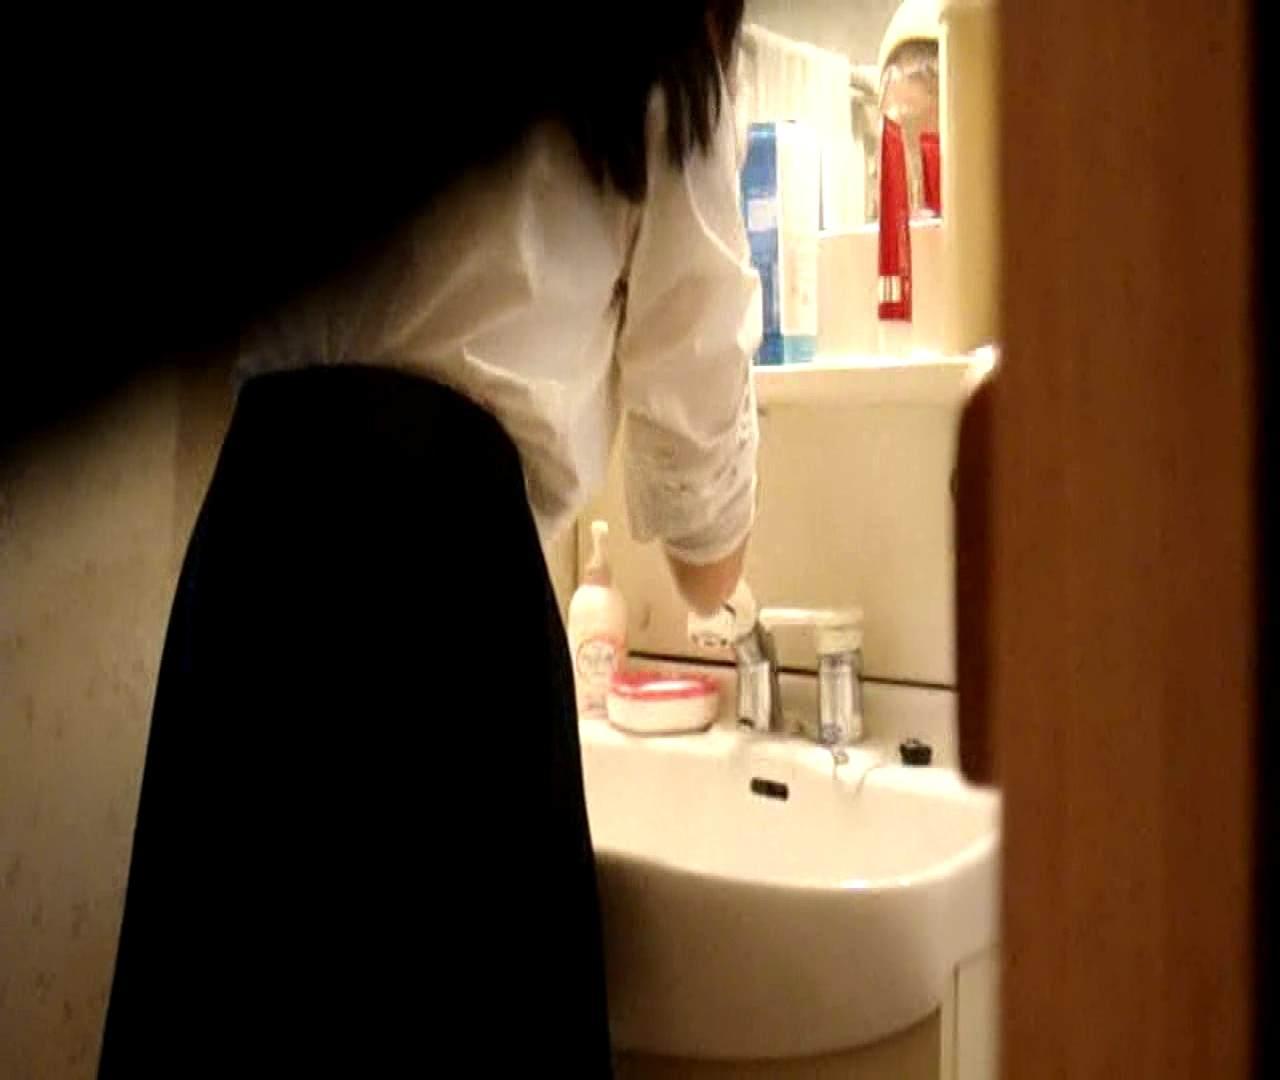 二人とも育てた甲斐がありました… vol.05 まどかが洗顔後にブラを洗濯 HなOL | 0  98pic 51